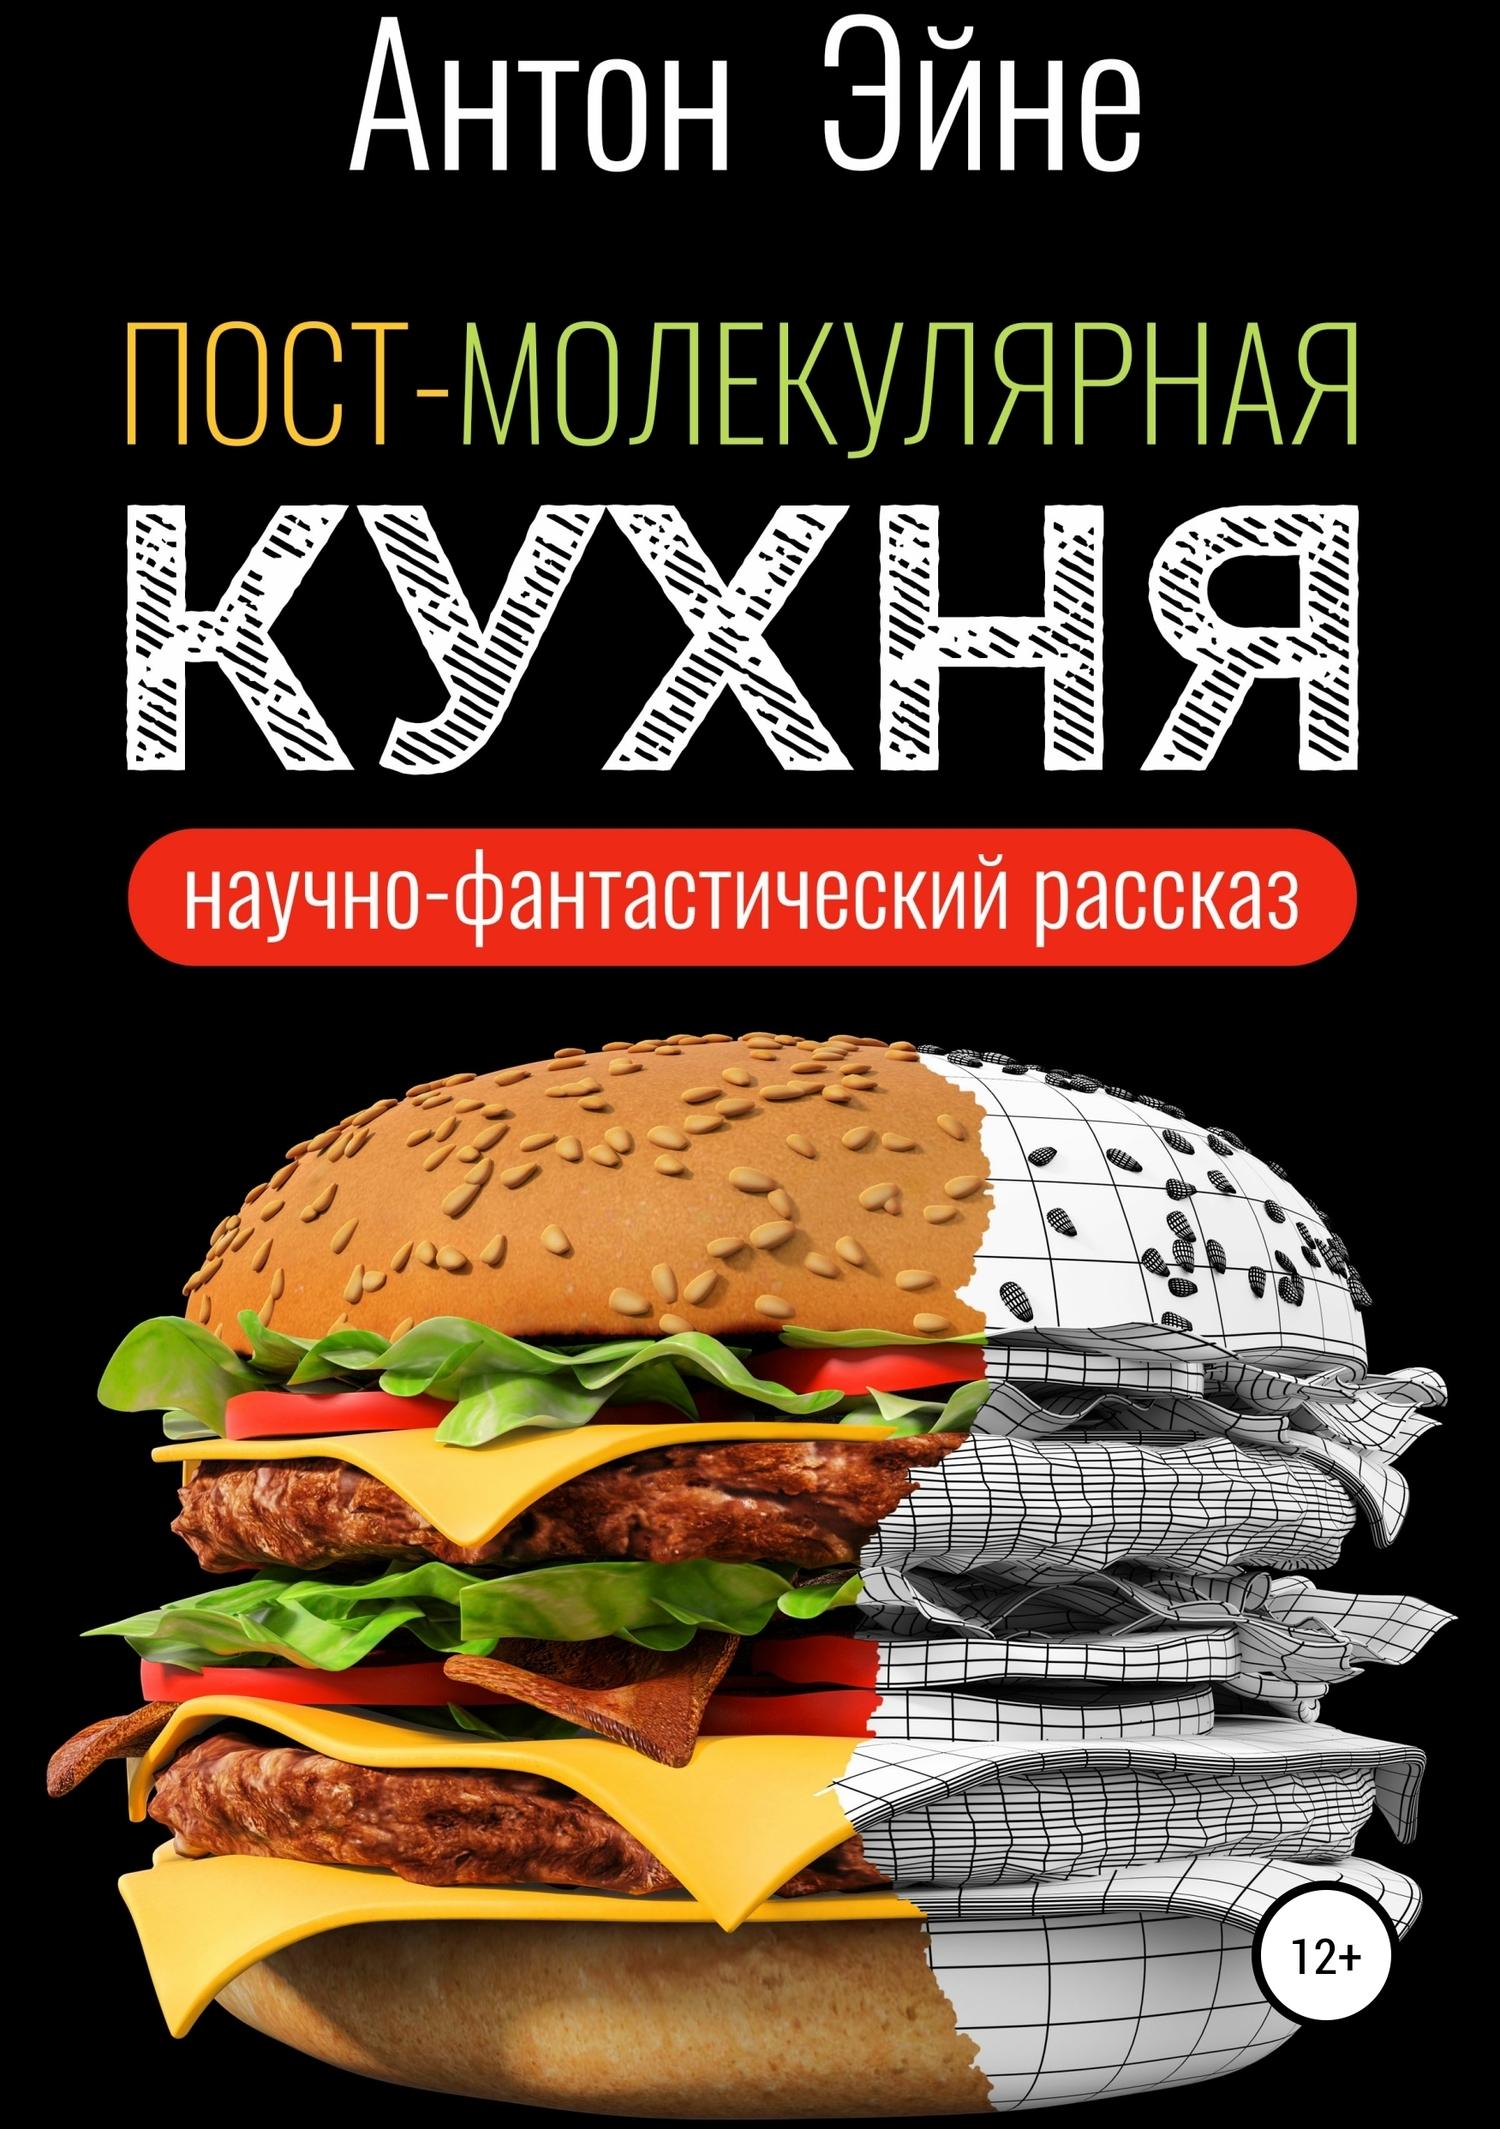 Антон Эйне - Пост-молекулярная кухня